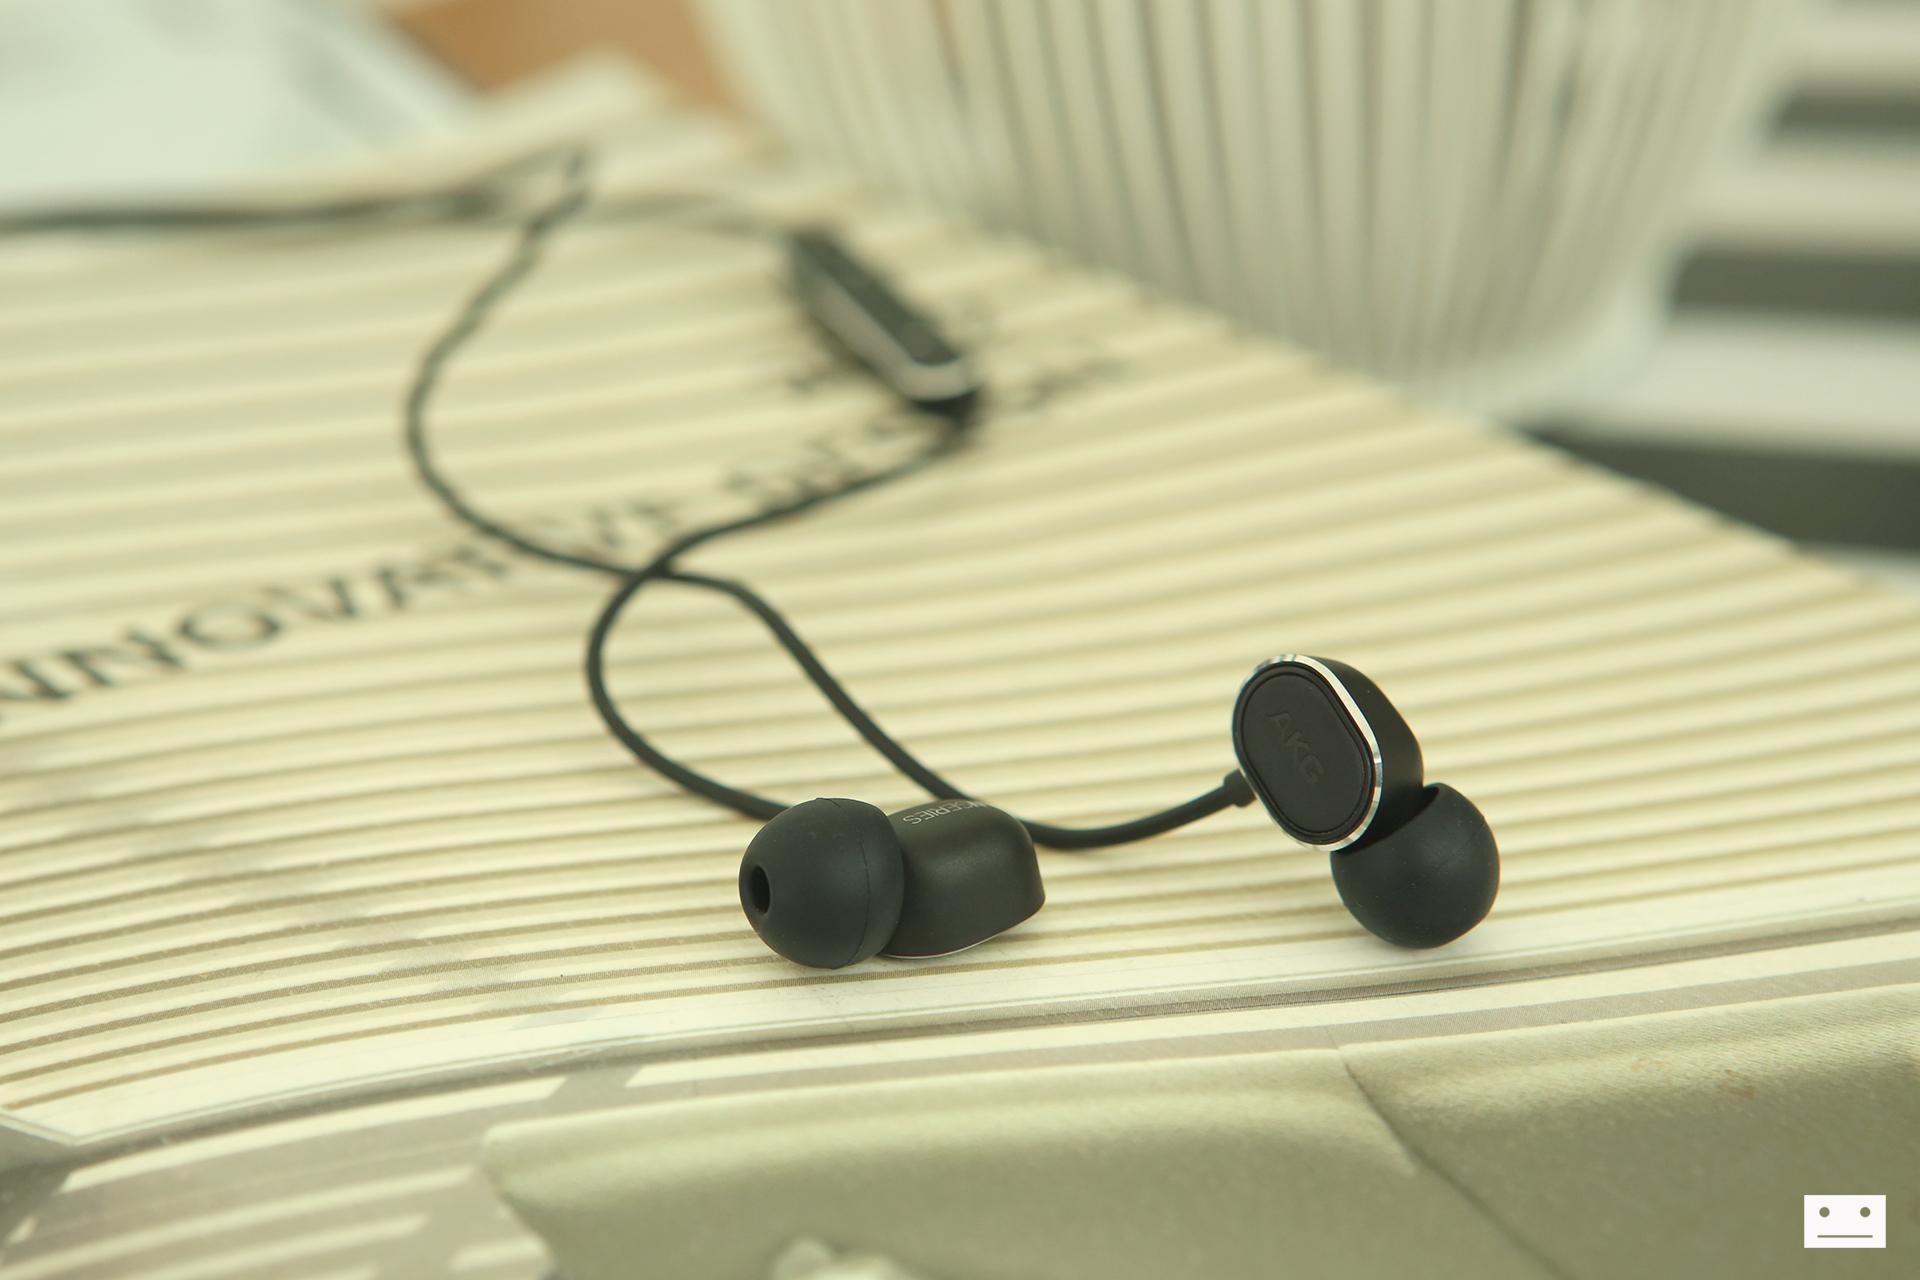 akg n20 earphone review (3)